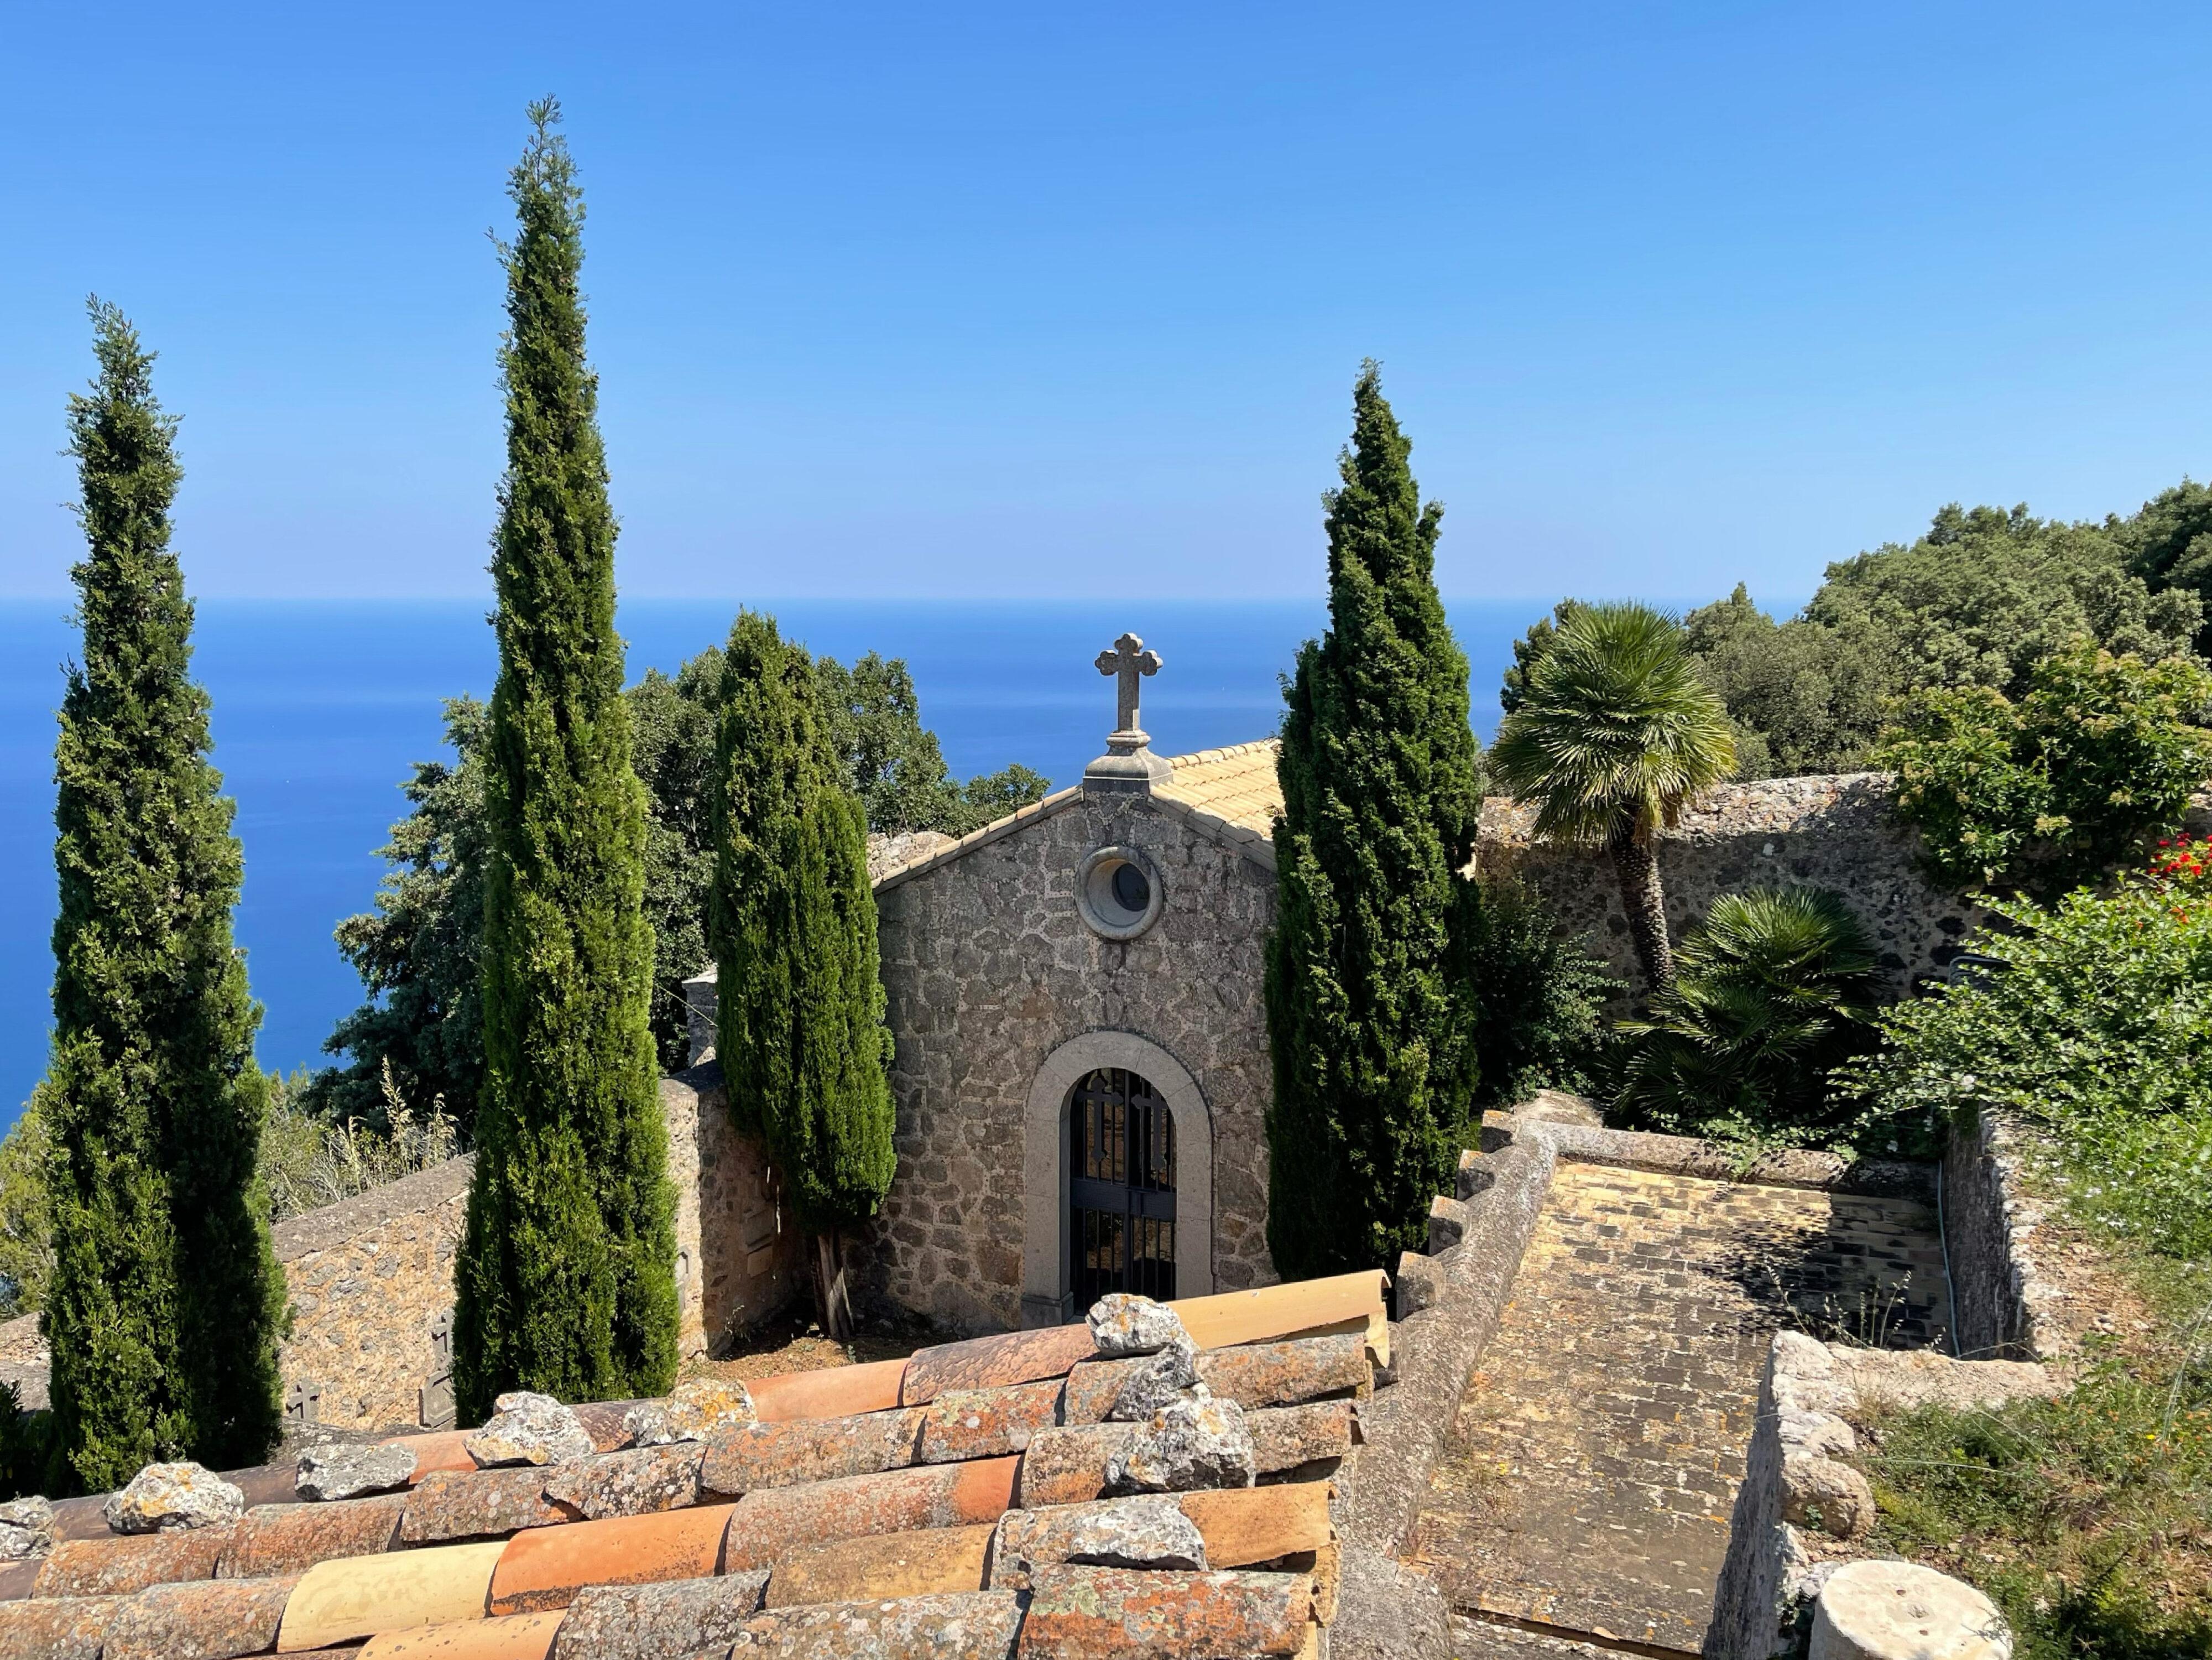 Ermita de la Santissima Trinitat: die Begräbniskapelle der Einsiedler